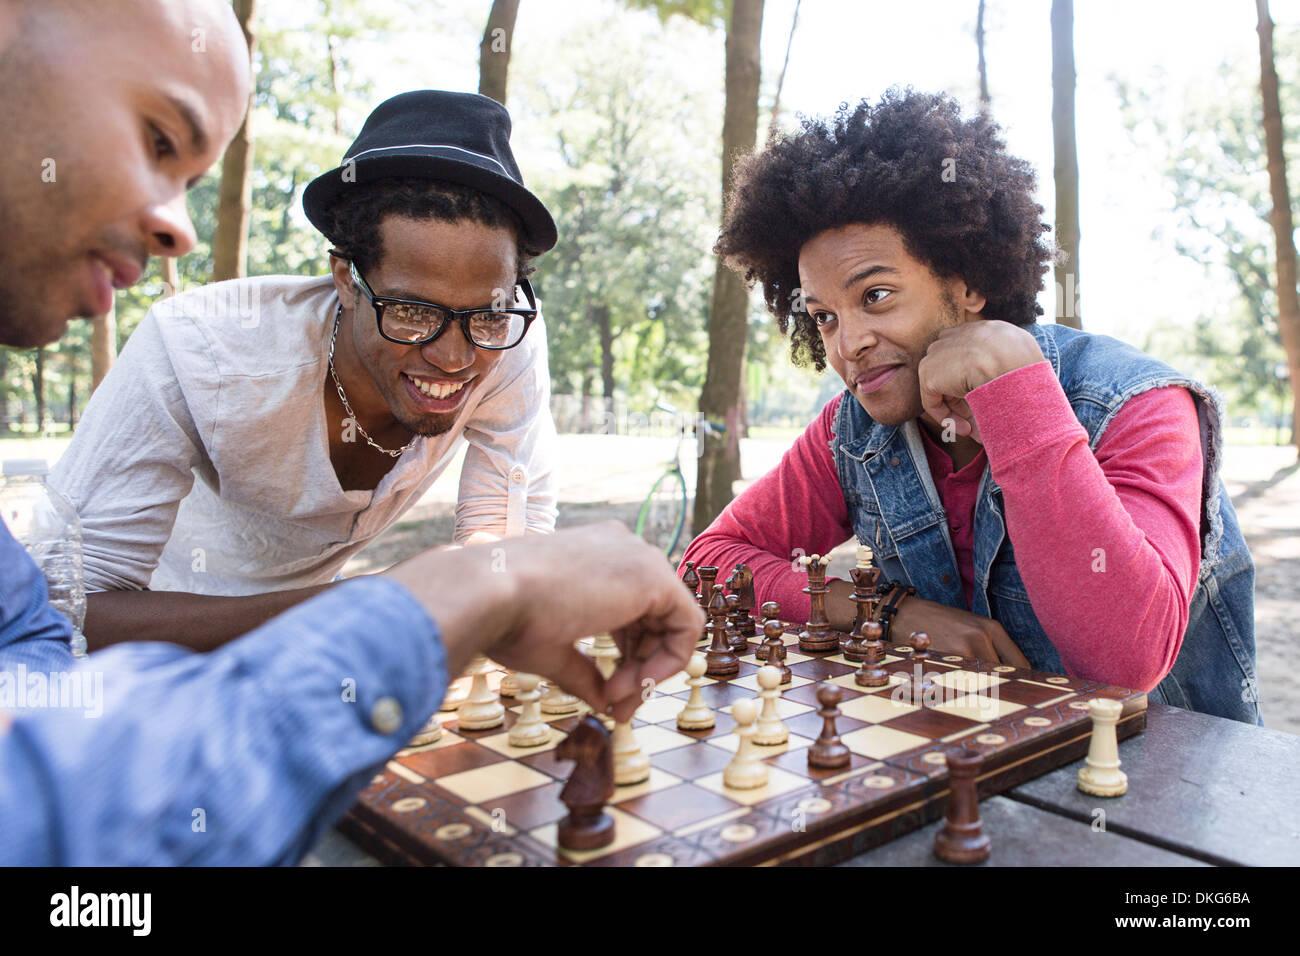 Tres jóvenes jugando al ajedrez en el parque Imagen De Stock